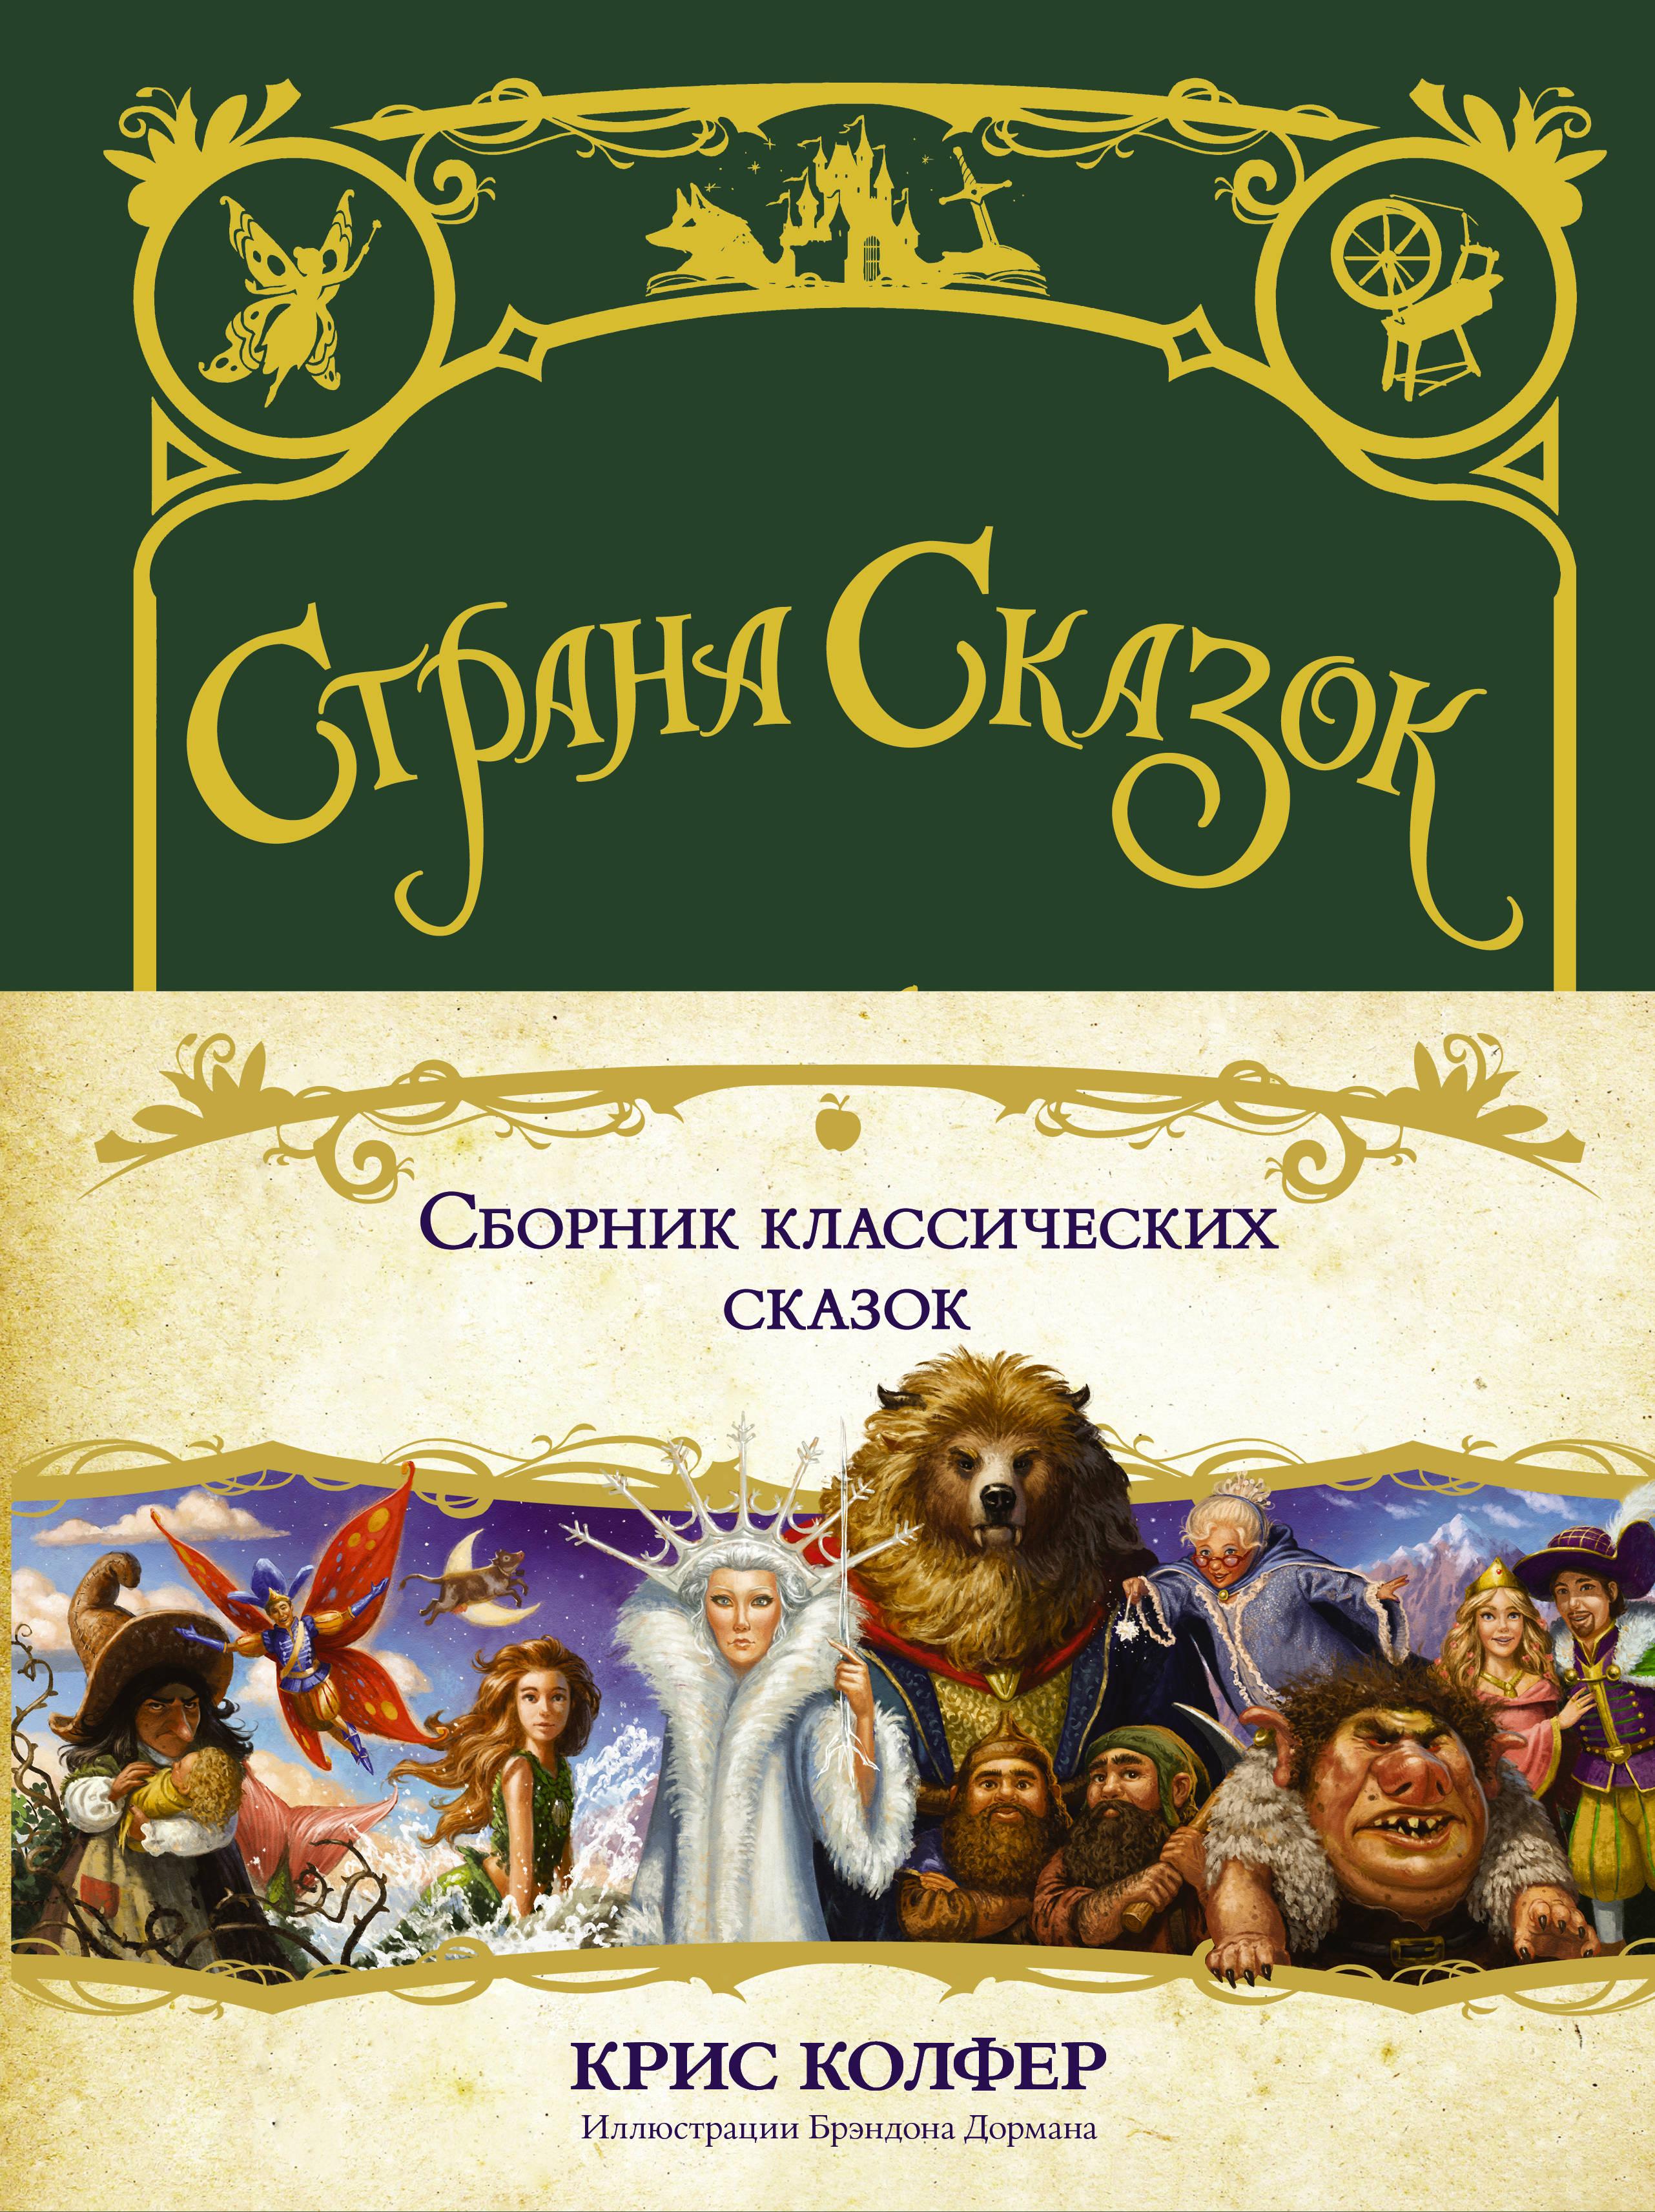 Крис Колфер Страна сказок. Сборник классических сказок колфер к страна сказок авторская одиссея